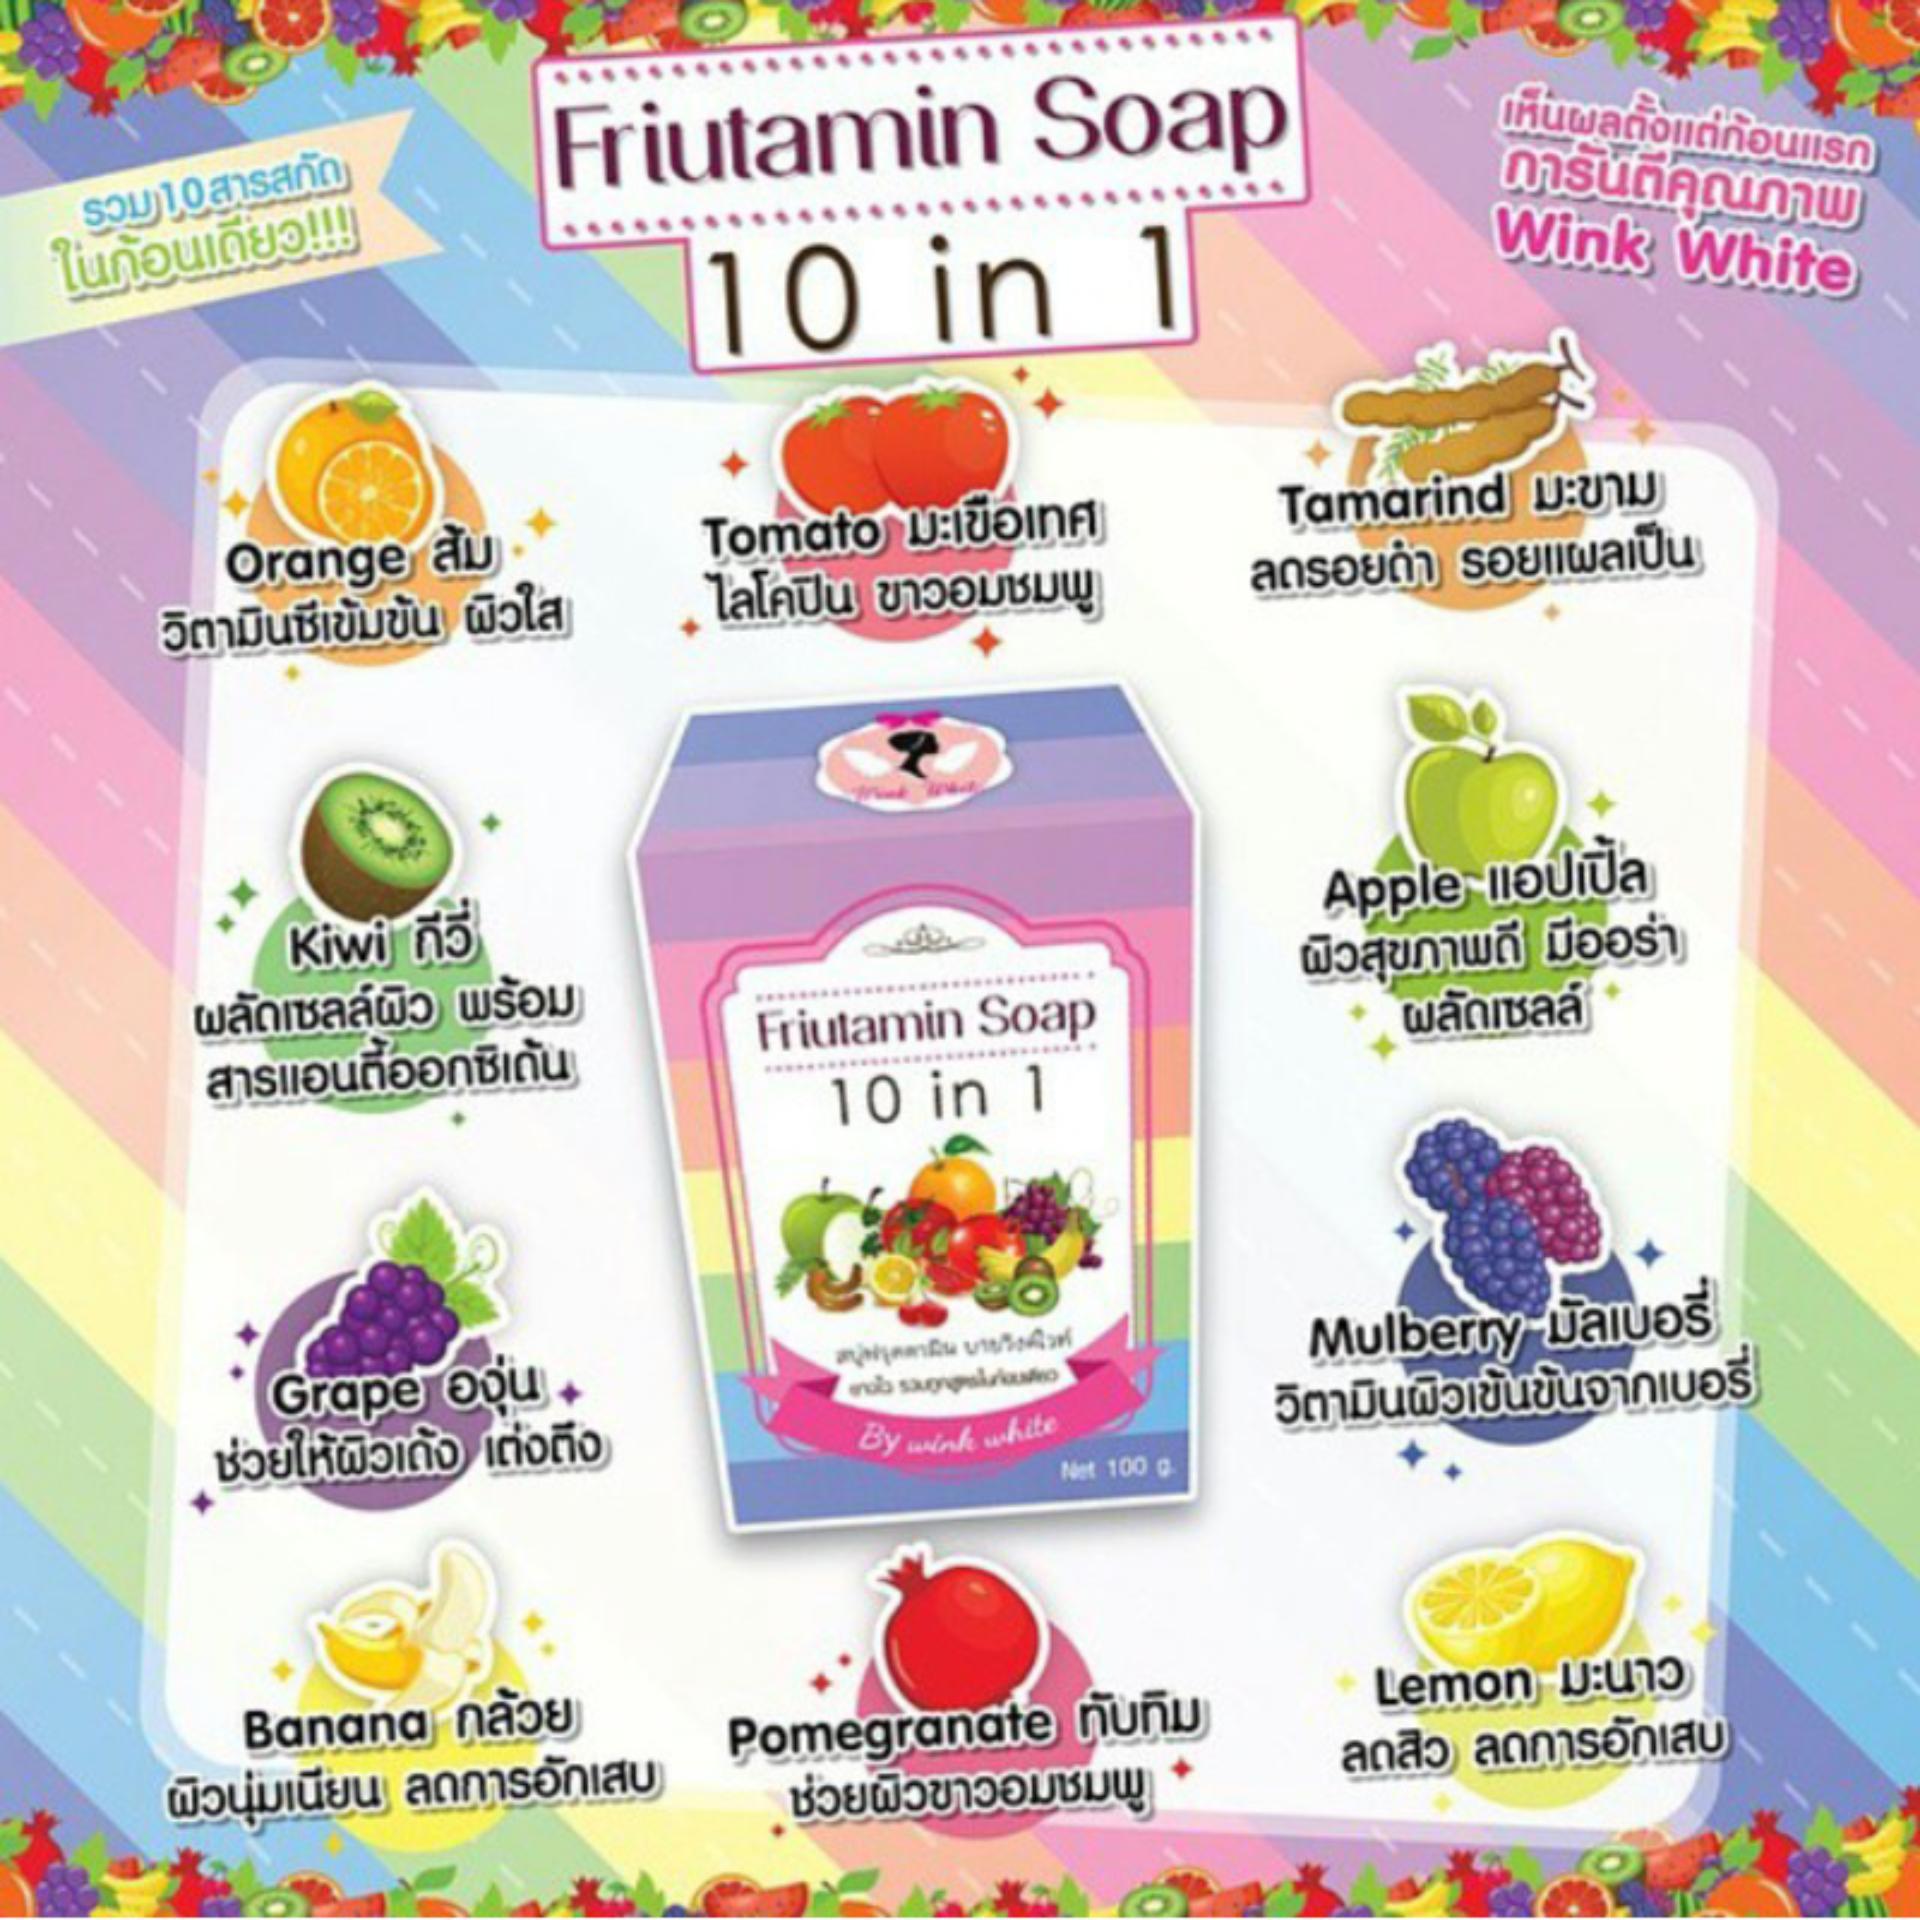 Wink White Fruitamin Soap 10 In 1 Original Thailand Sabun Rainbow Buah Pelangi Fruity 10in1 Pemutih Bawah Source